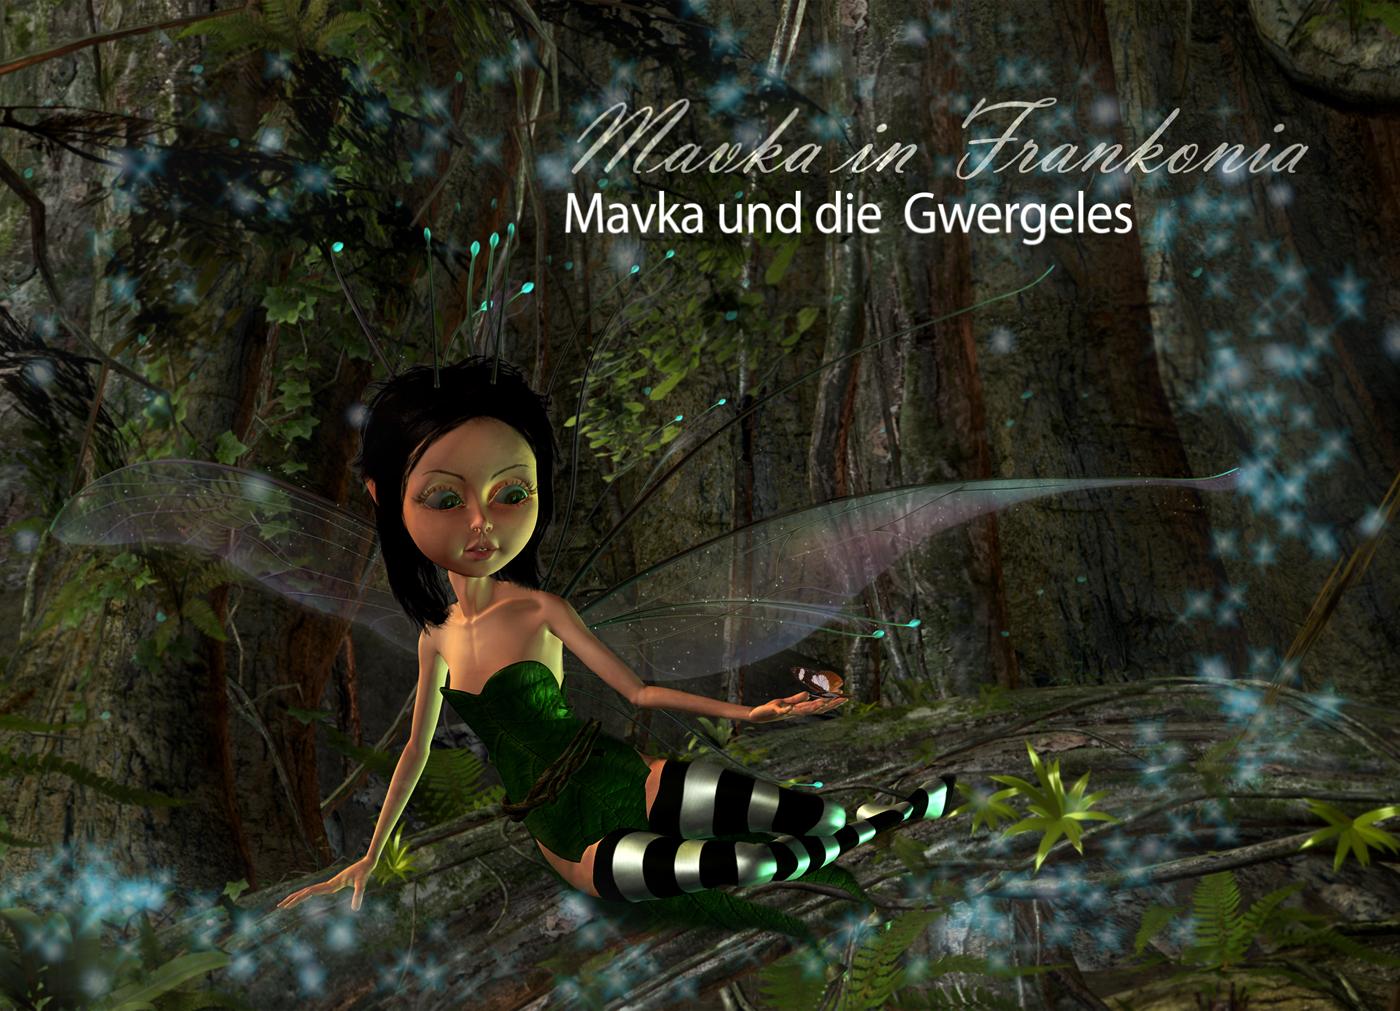 mavka und die gwergeles